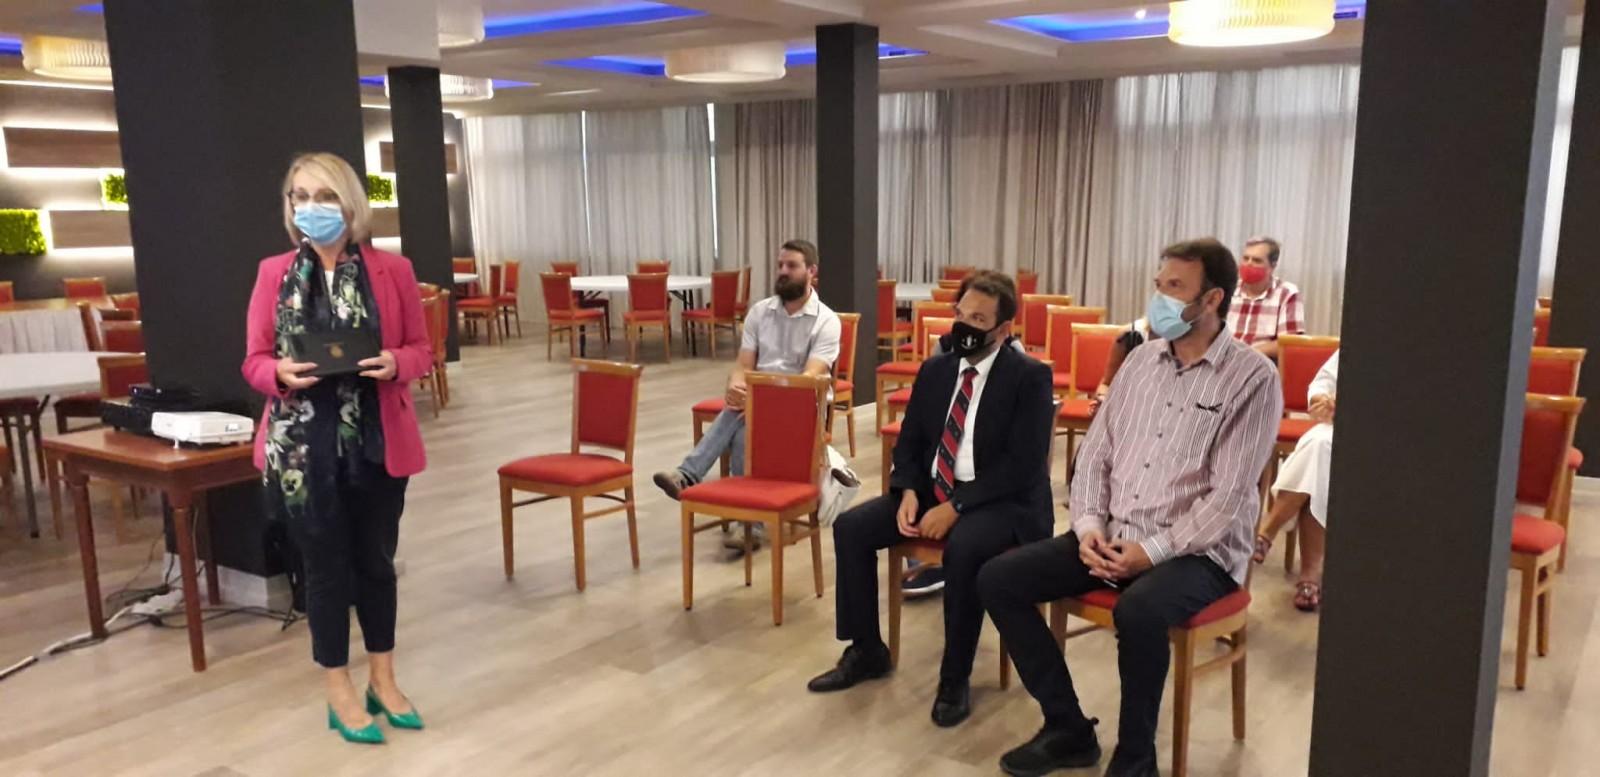 U Dubrovniku održan poslovni sastanak Hrvatske mreže zdravih gradova na temu